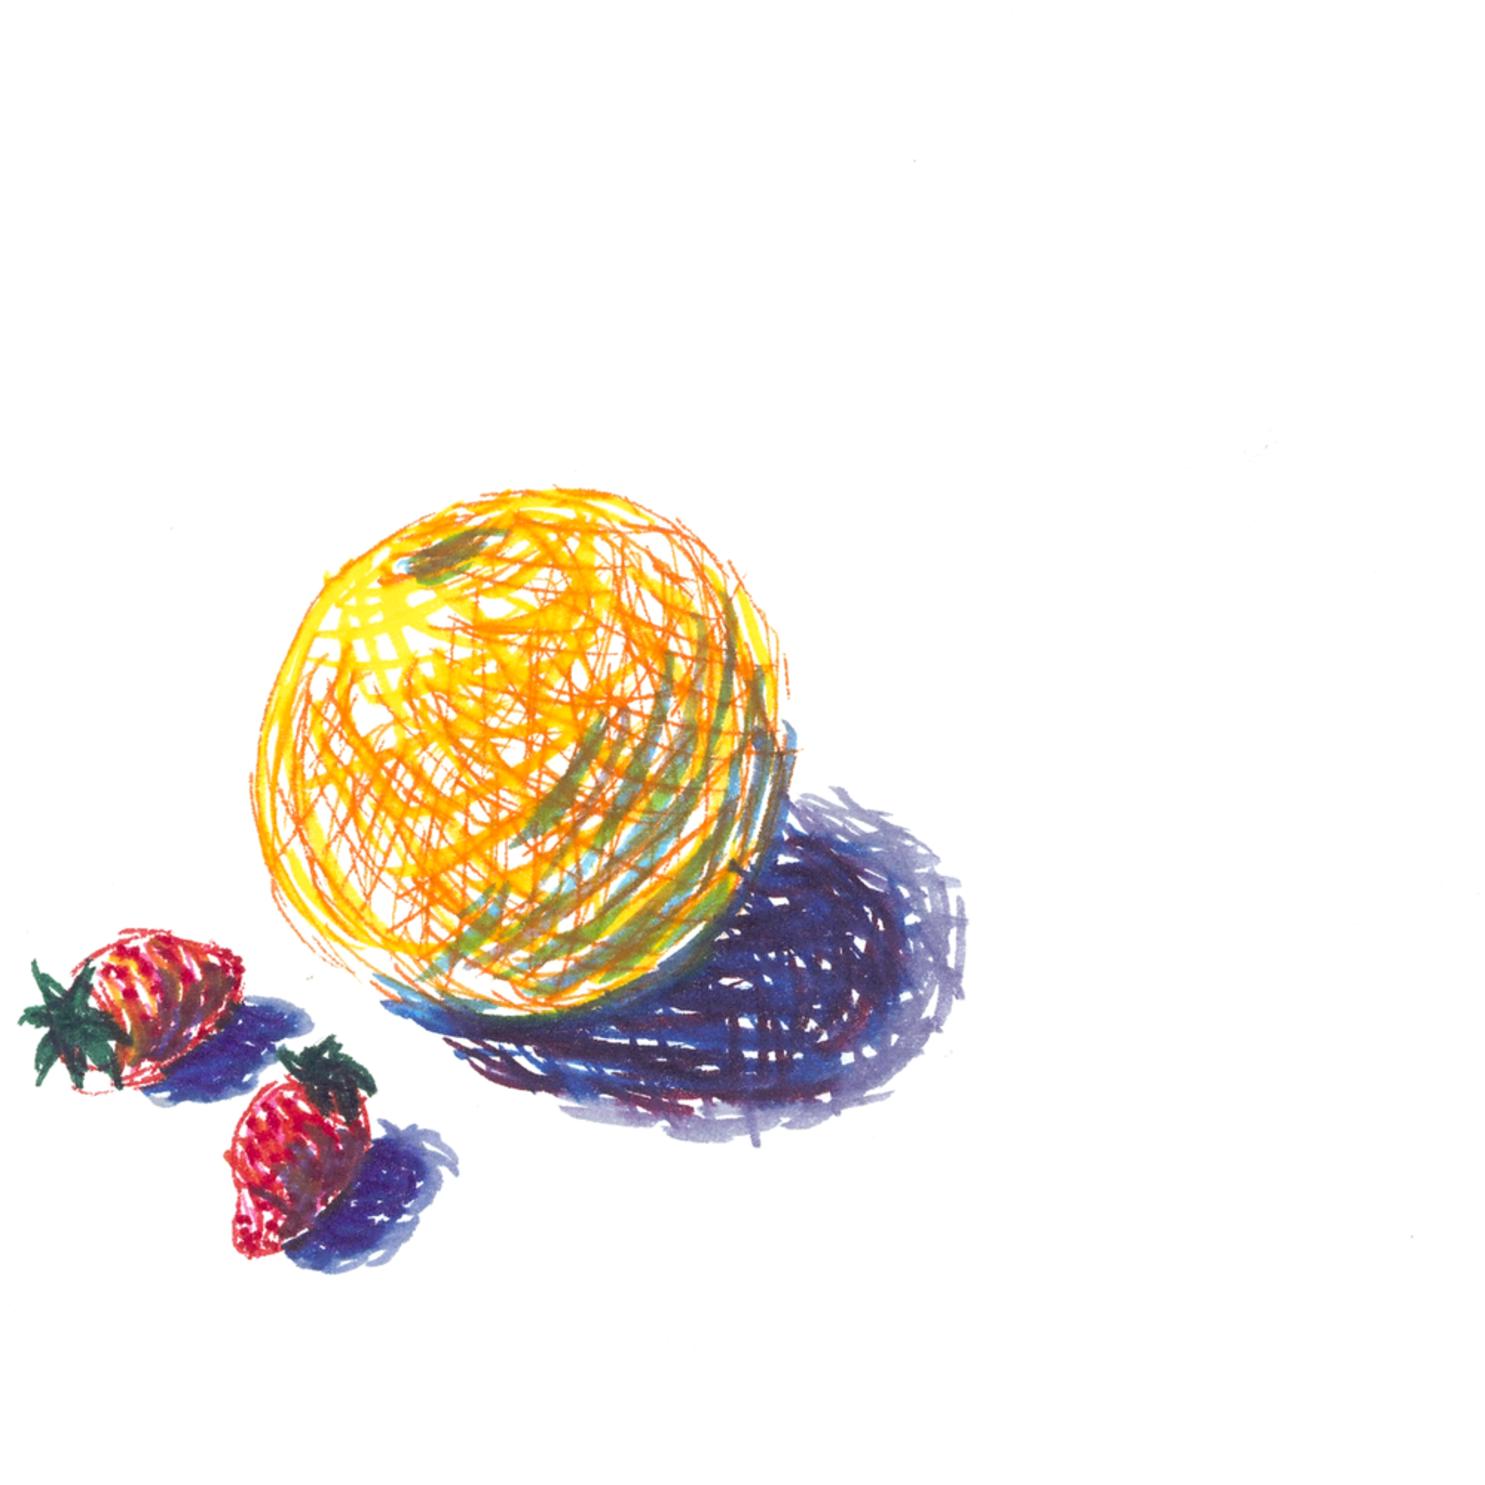 Imaginary fruit still life uf3fld t9dehd